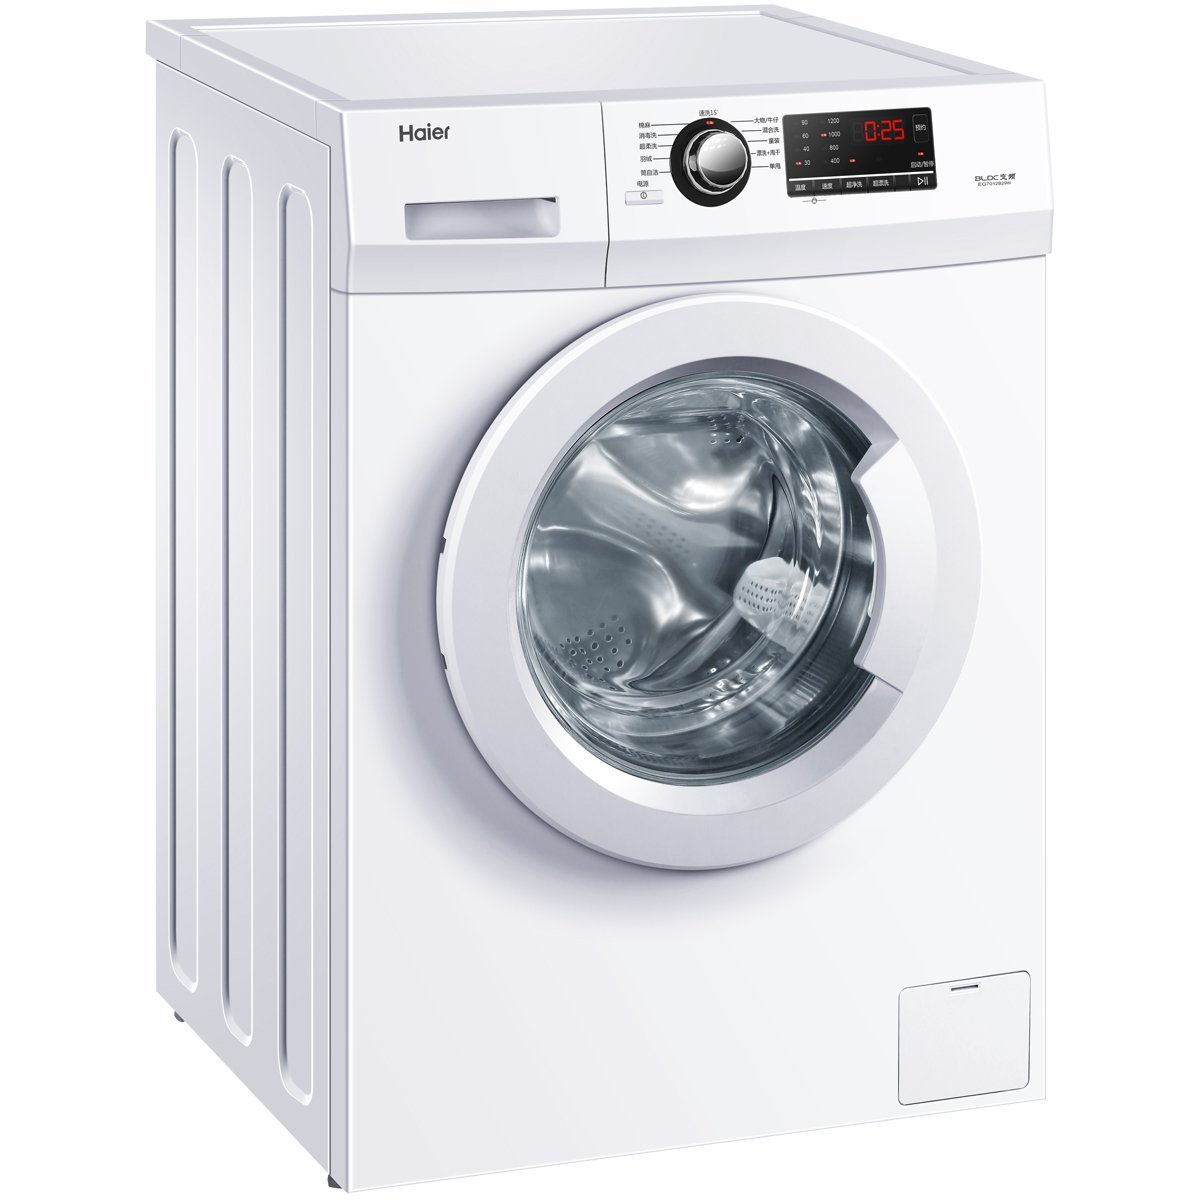 Haier Hale eg7012b29w Hale 7 kg thay đổi tần số, con lăn máy giặt